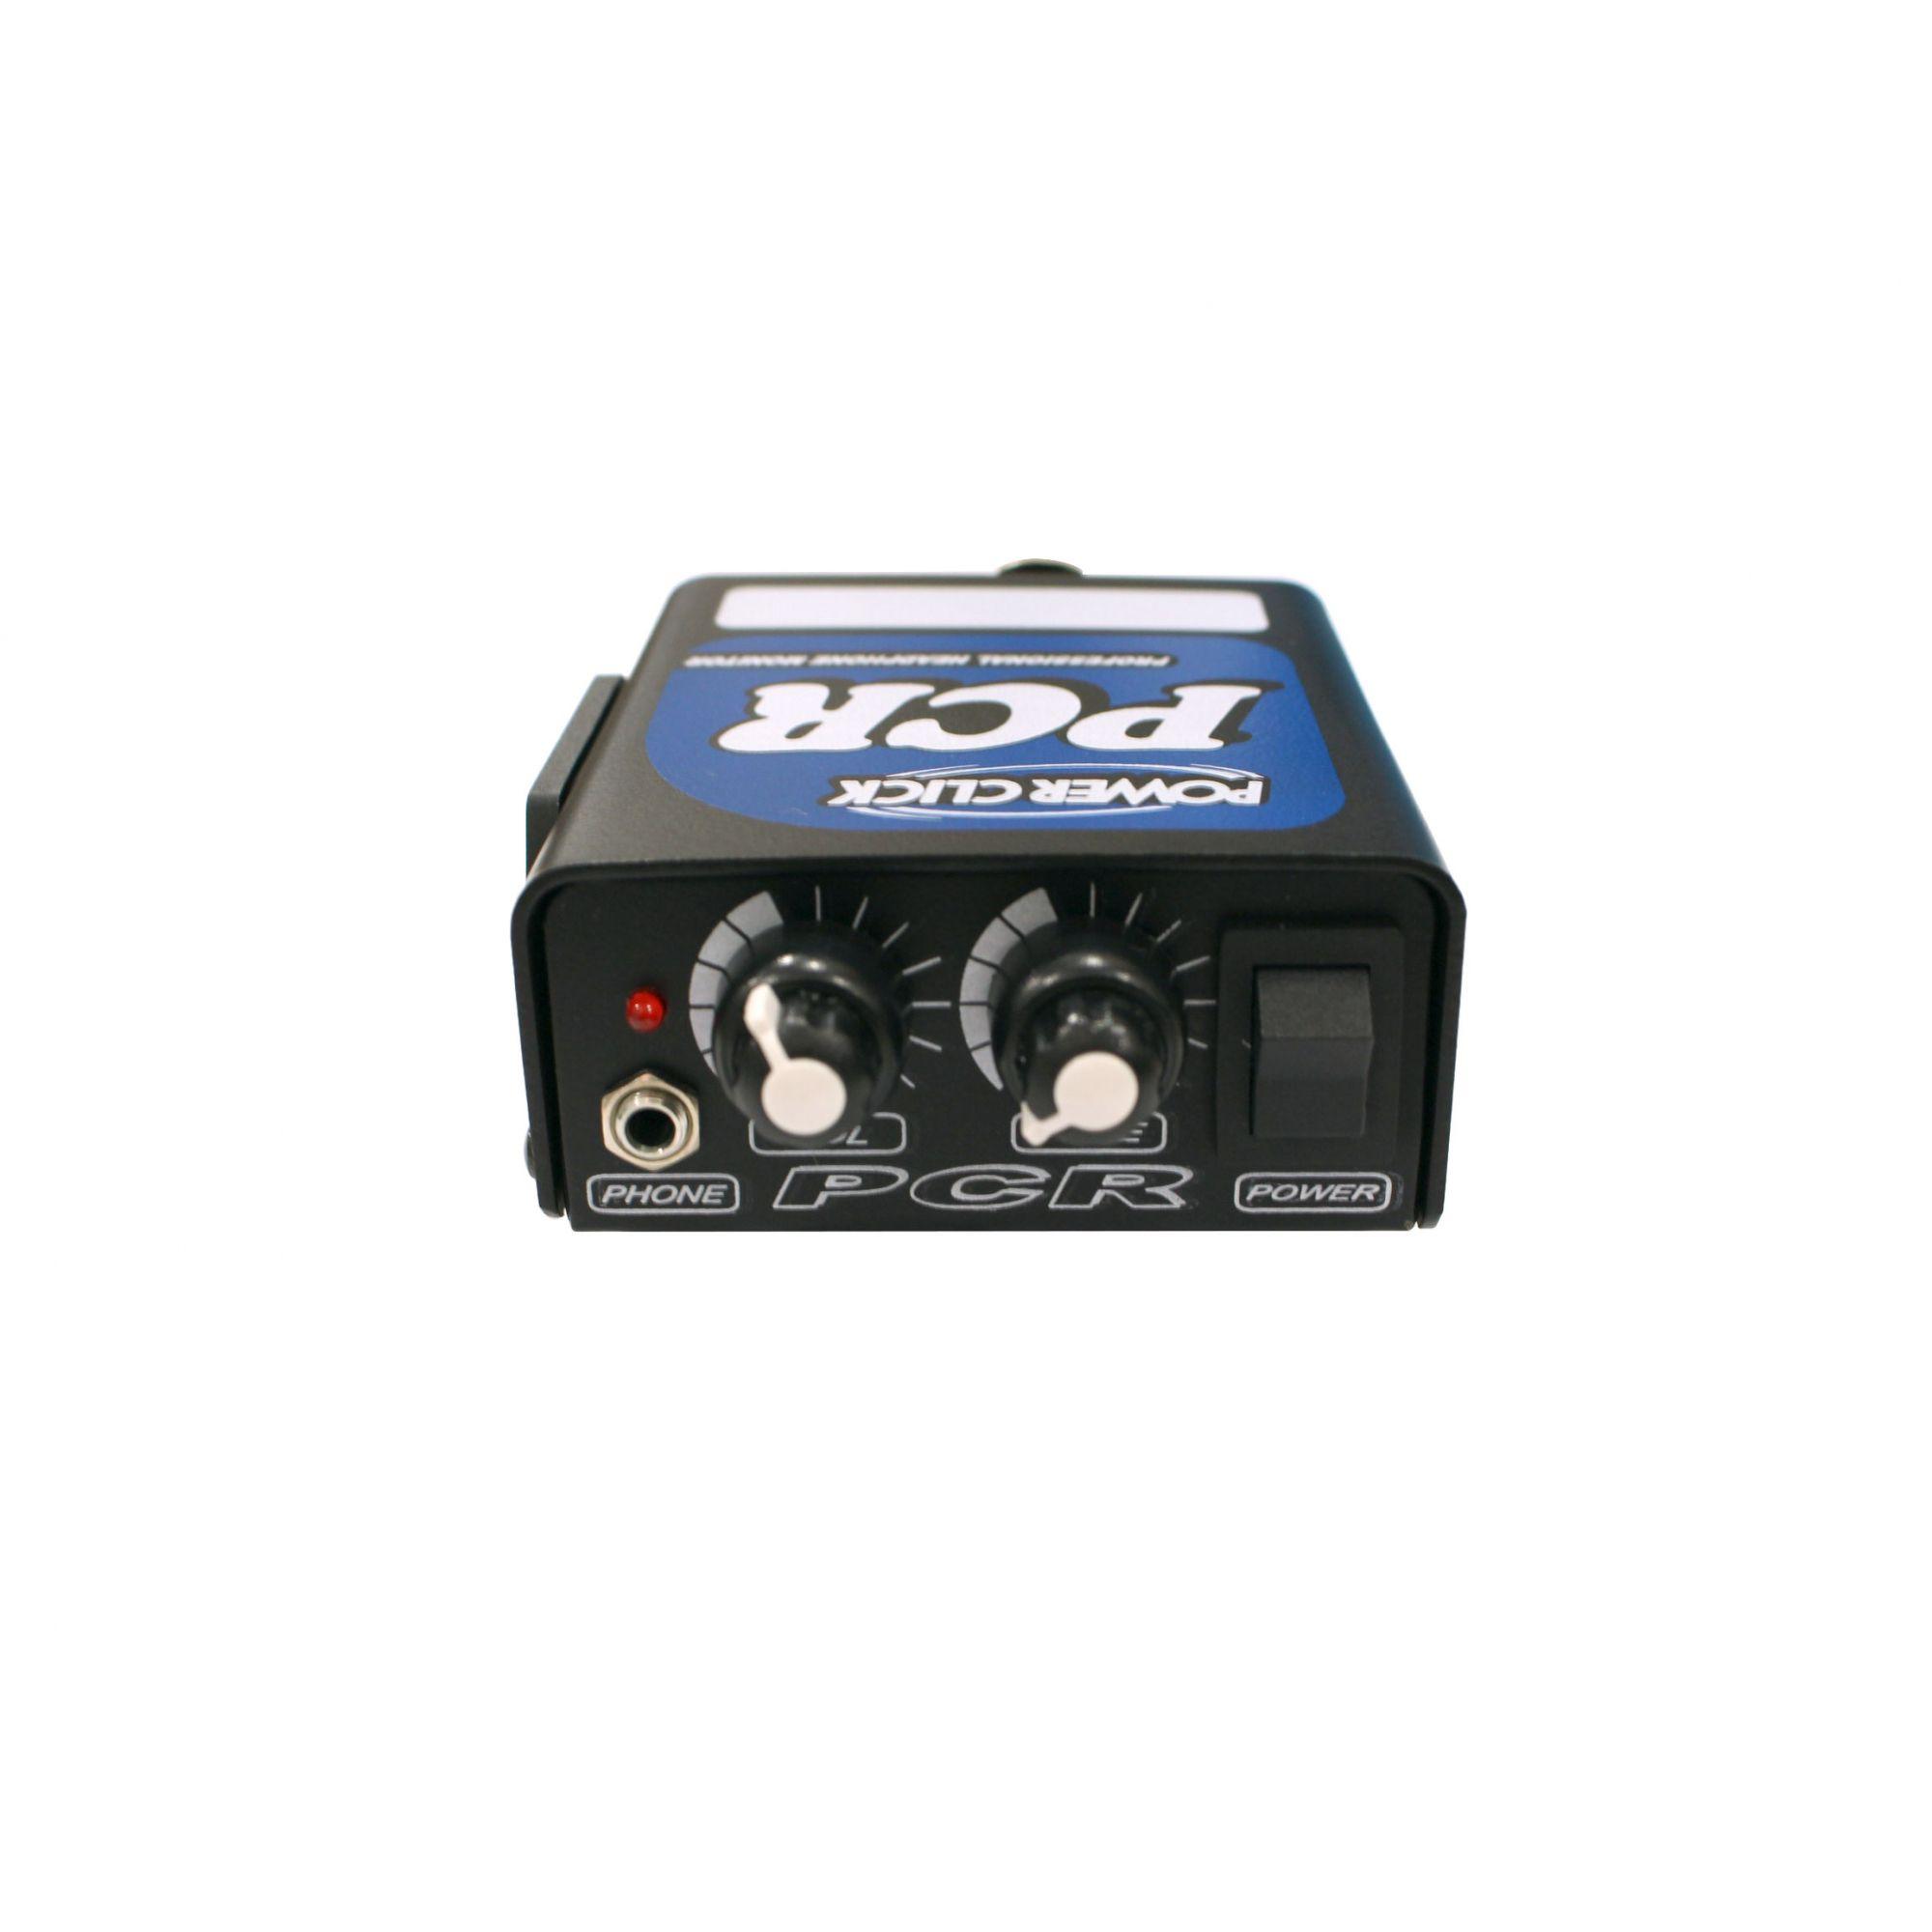 Amplificador para fone com In / Out XLR | Bateria 9v ou Fonte Bivolt já inclusa | Power Click | PCR